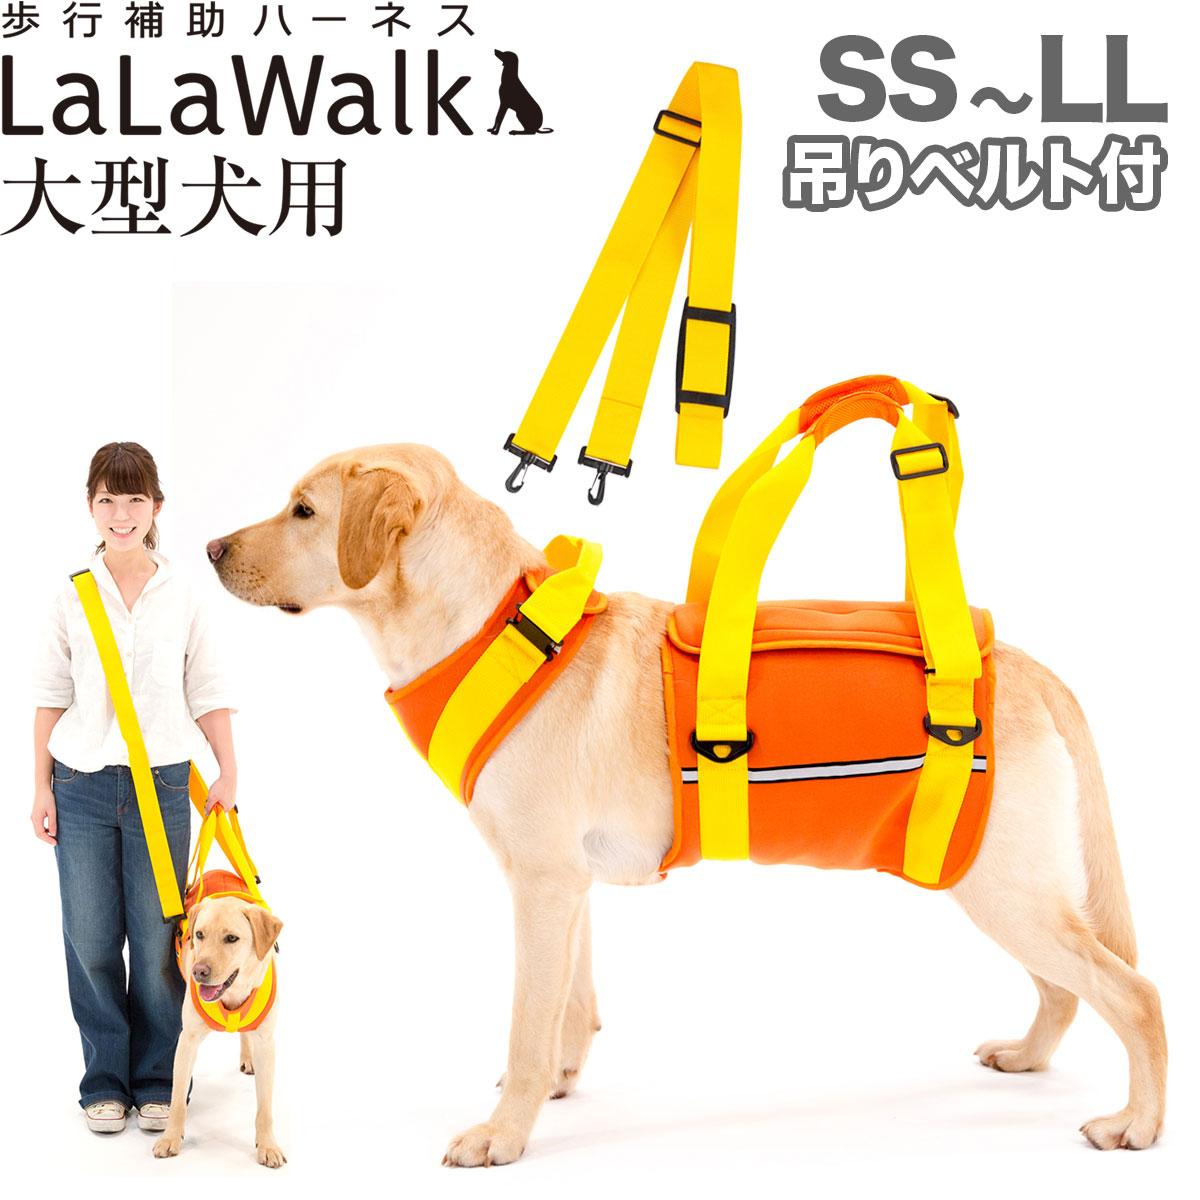 【送料無料】トンボ LaLaWalk 大型犬用 ネオプレーン オレンジ SS,S,M,L,LL 介護用品 歩行補助ハーネス ララウォーク